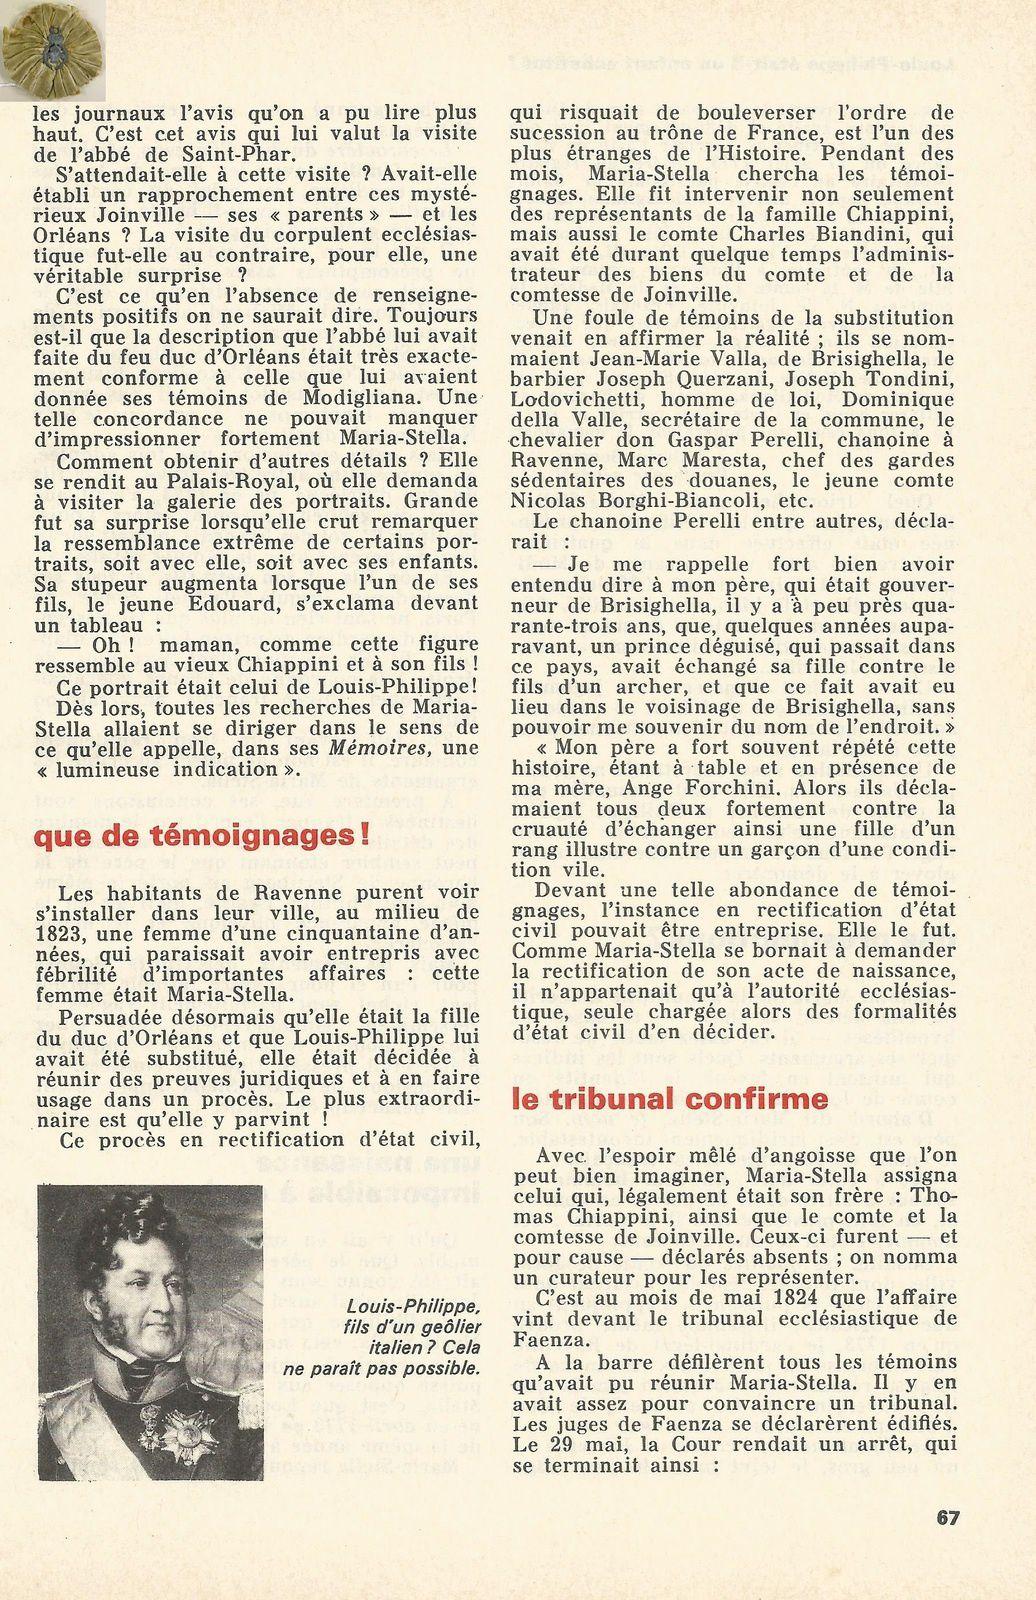 HISTORIA NUMÉRO 262 - SEPTEMBRE 1968